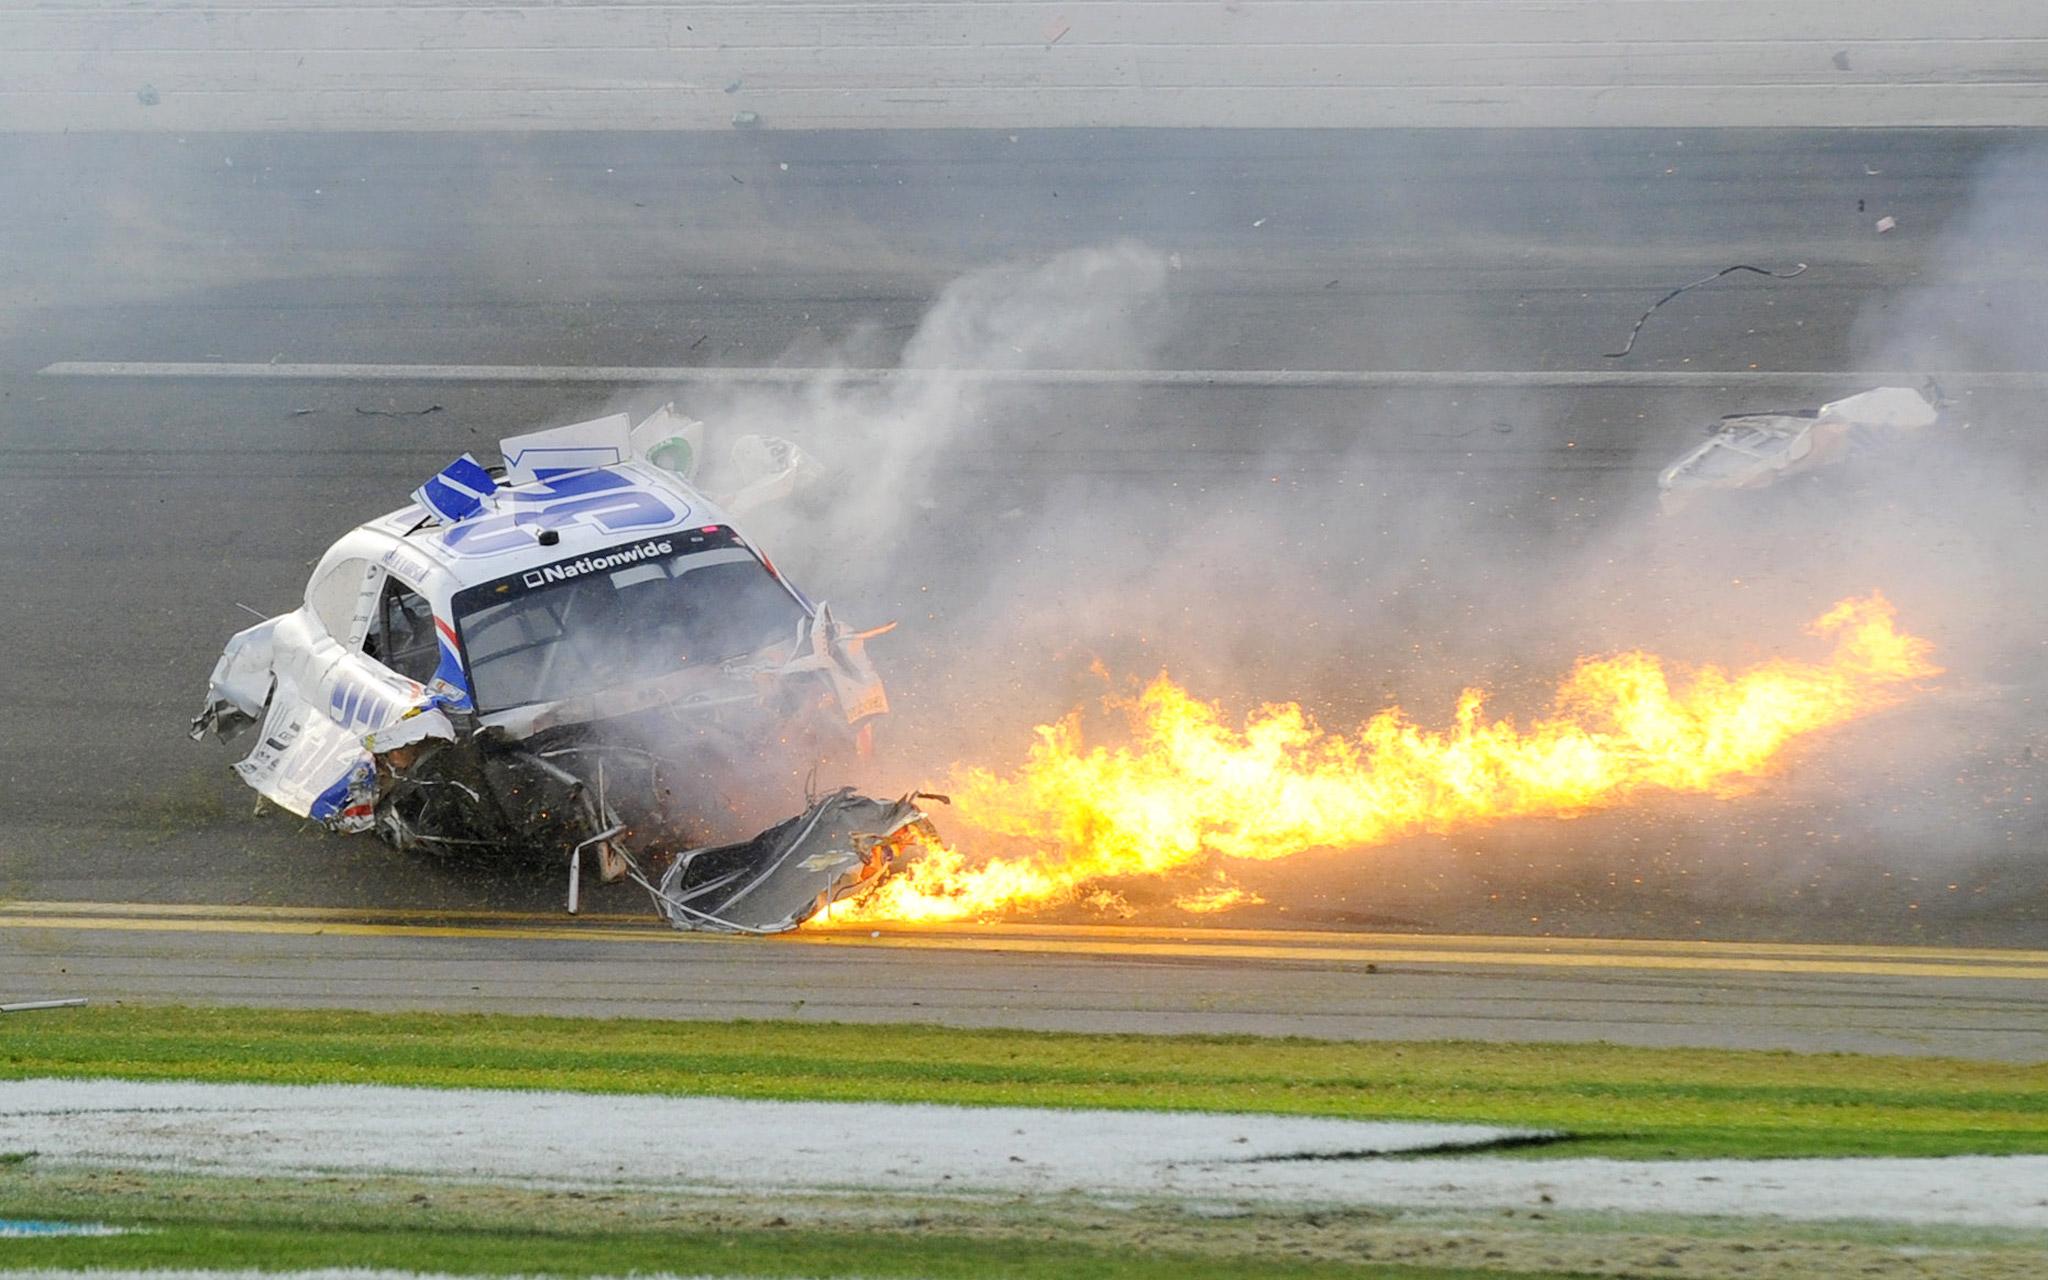 Kyle Larson's car on fire